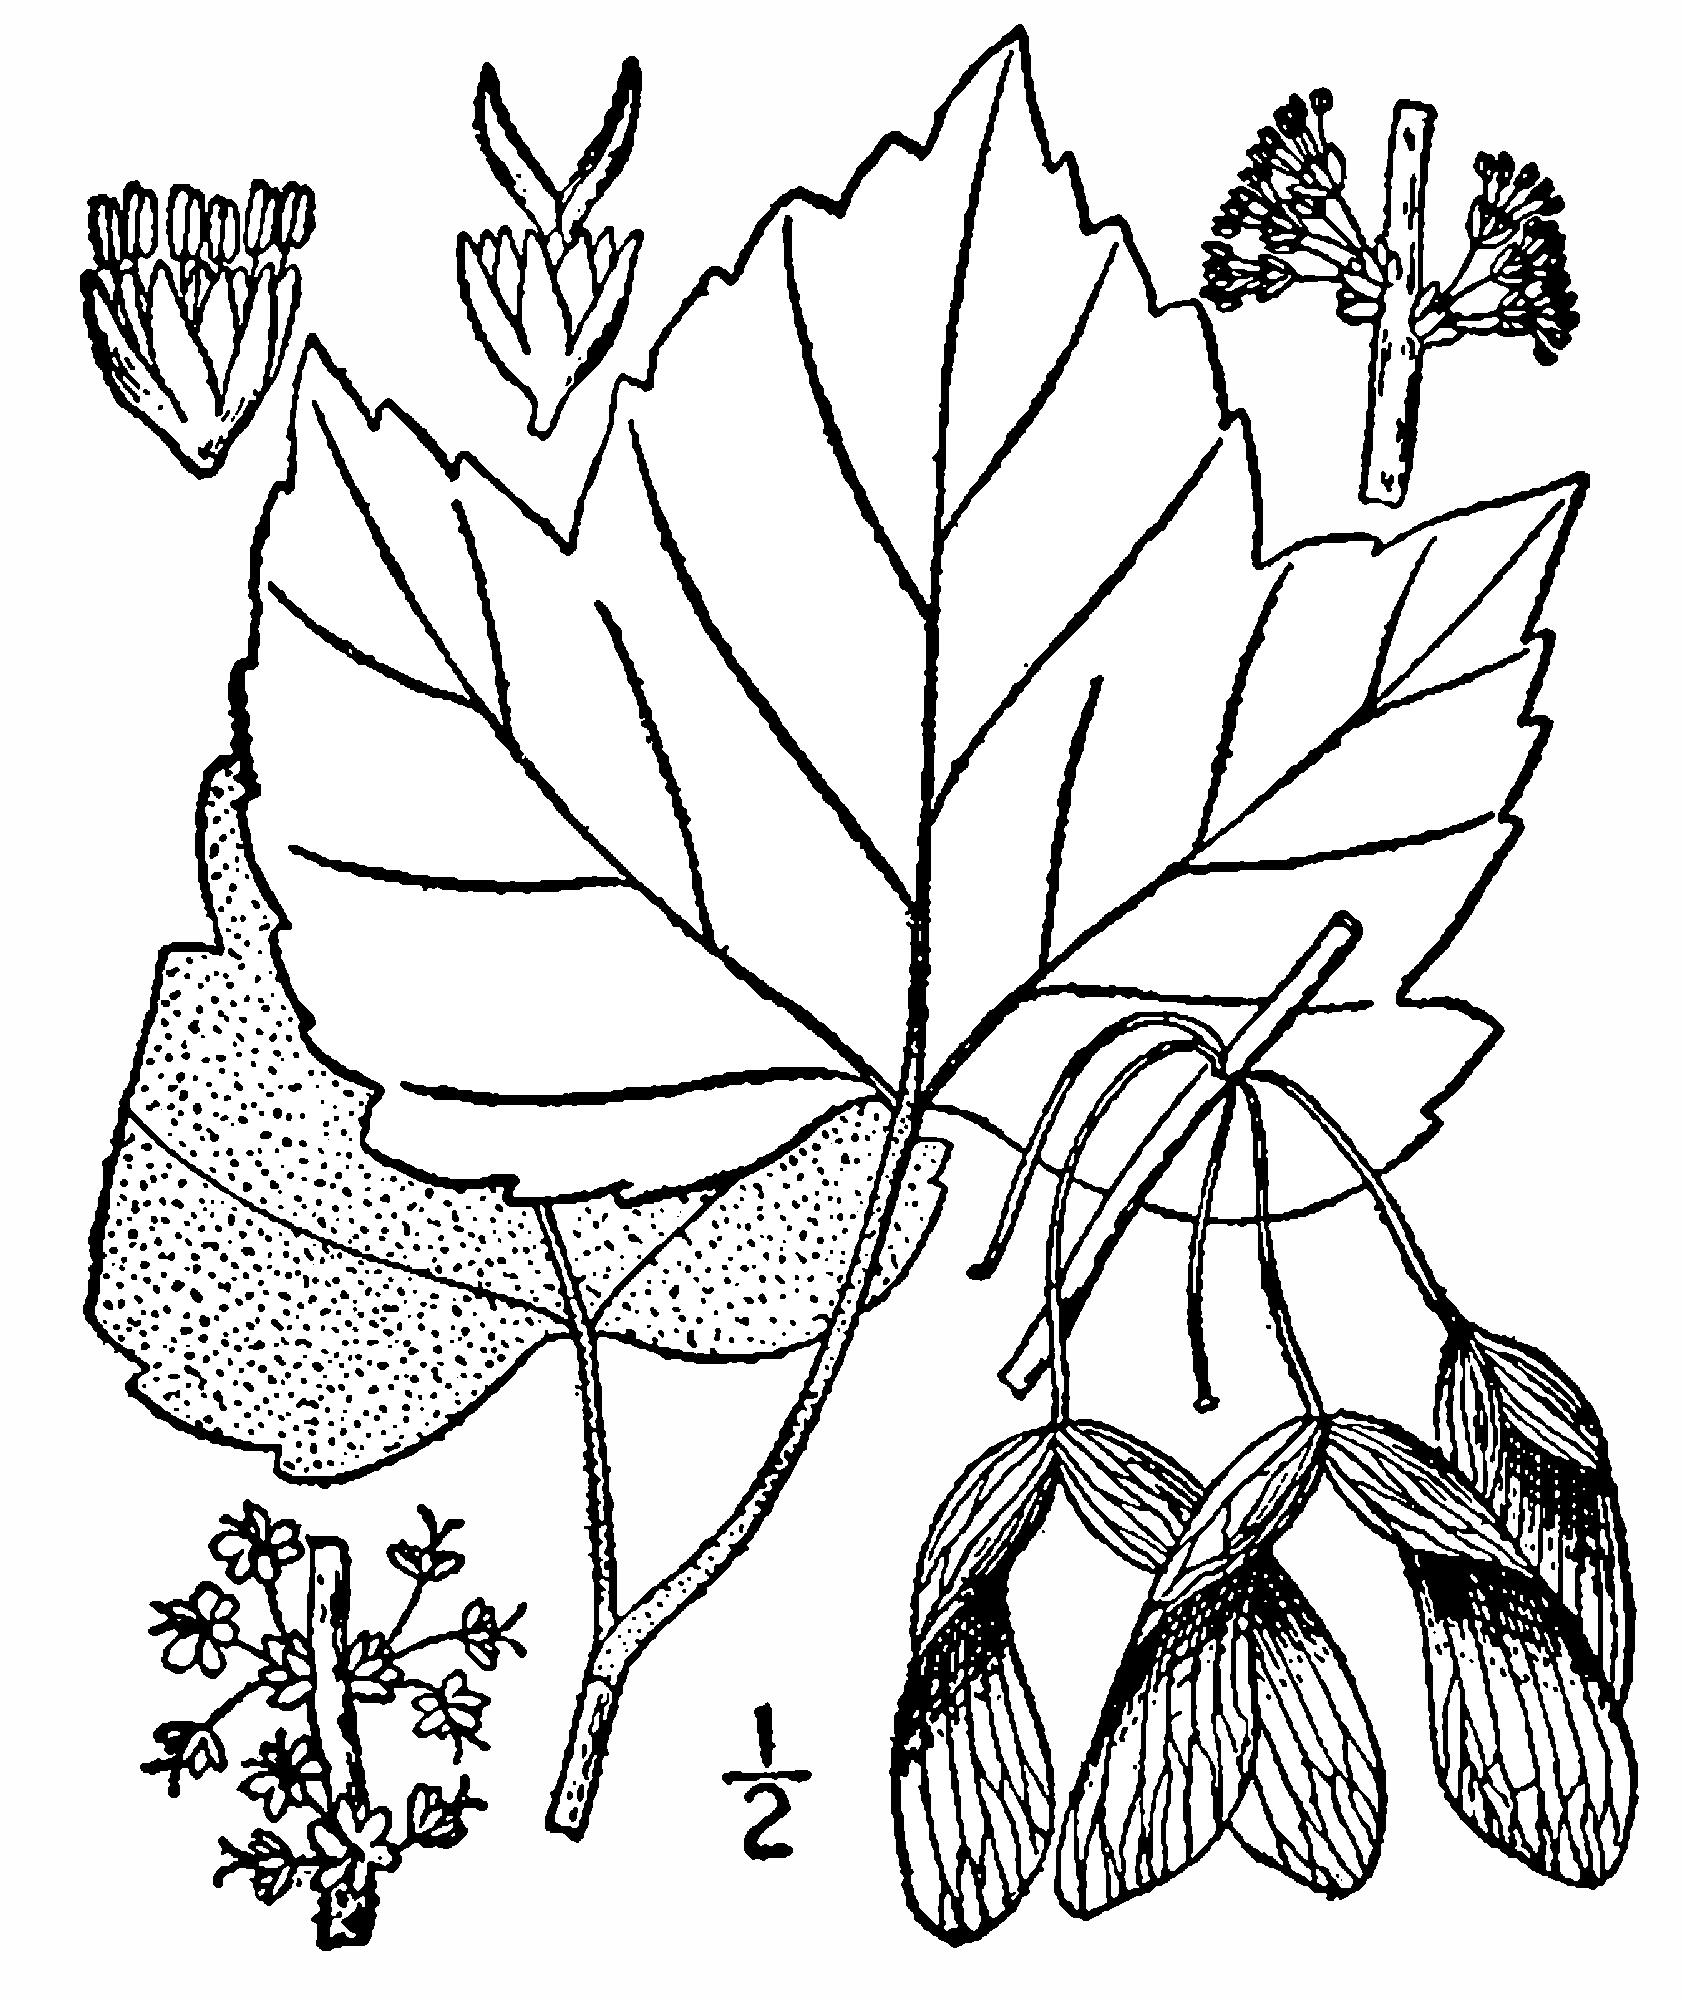 1682x2000 Fileacer Rubrum Drummondii Drawing.png